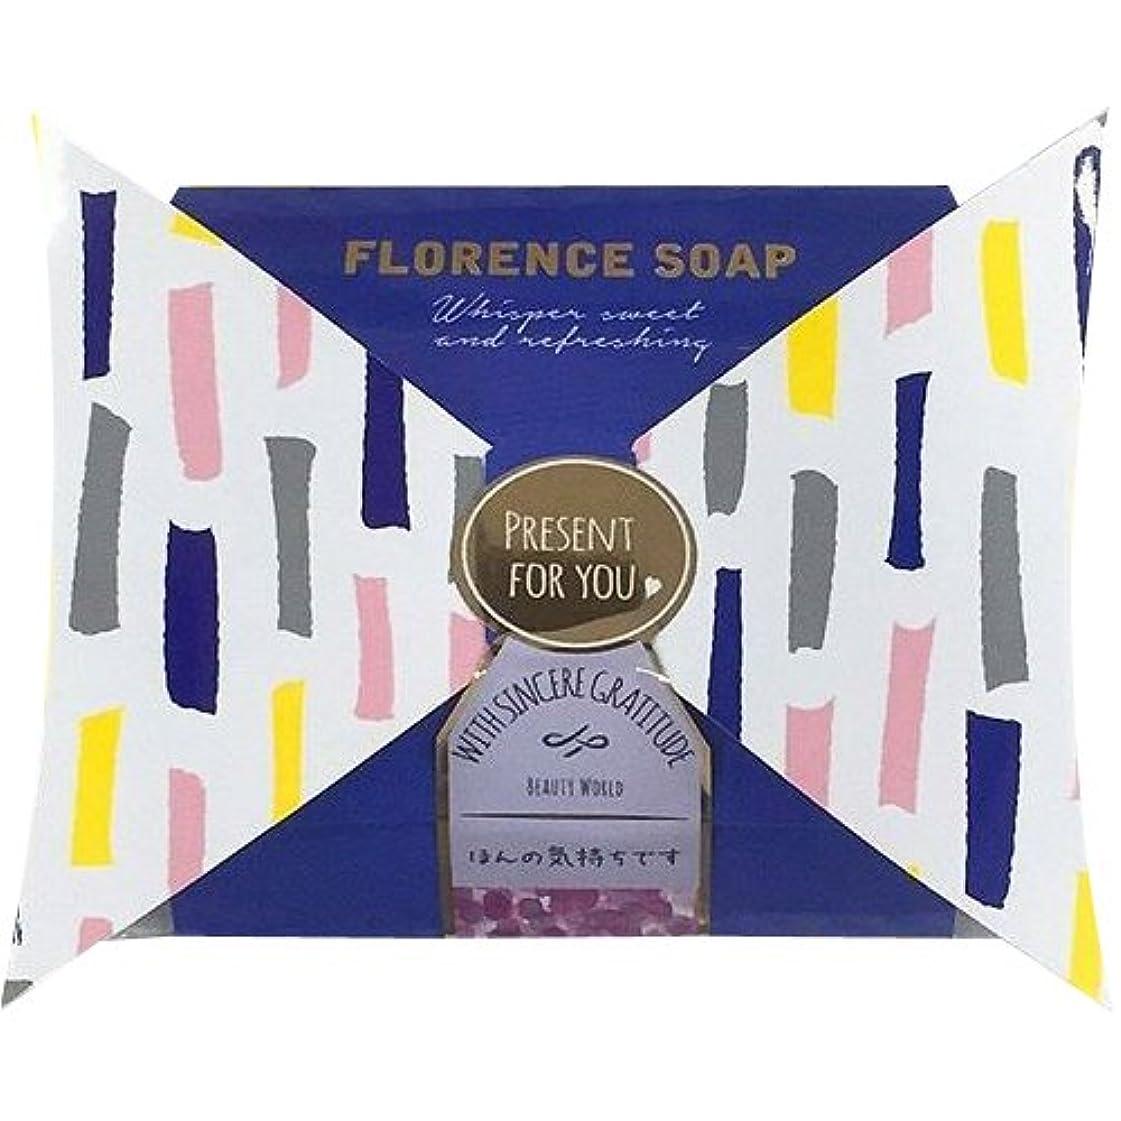 会話コンプリートカウントアップBW フローレンスの香り石けん リボンパッケージ FSP385 甘く爽やかなささやき (35g)